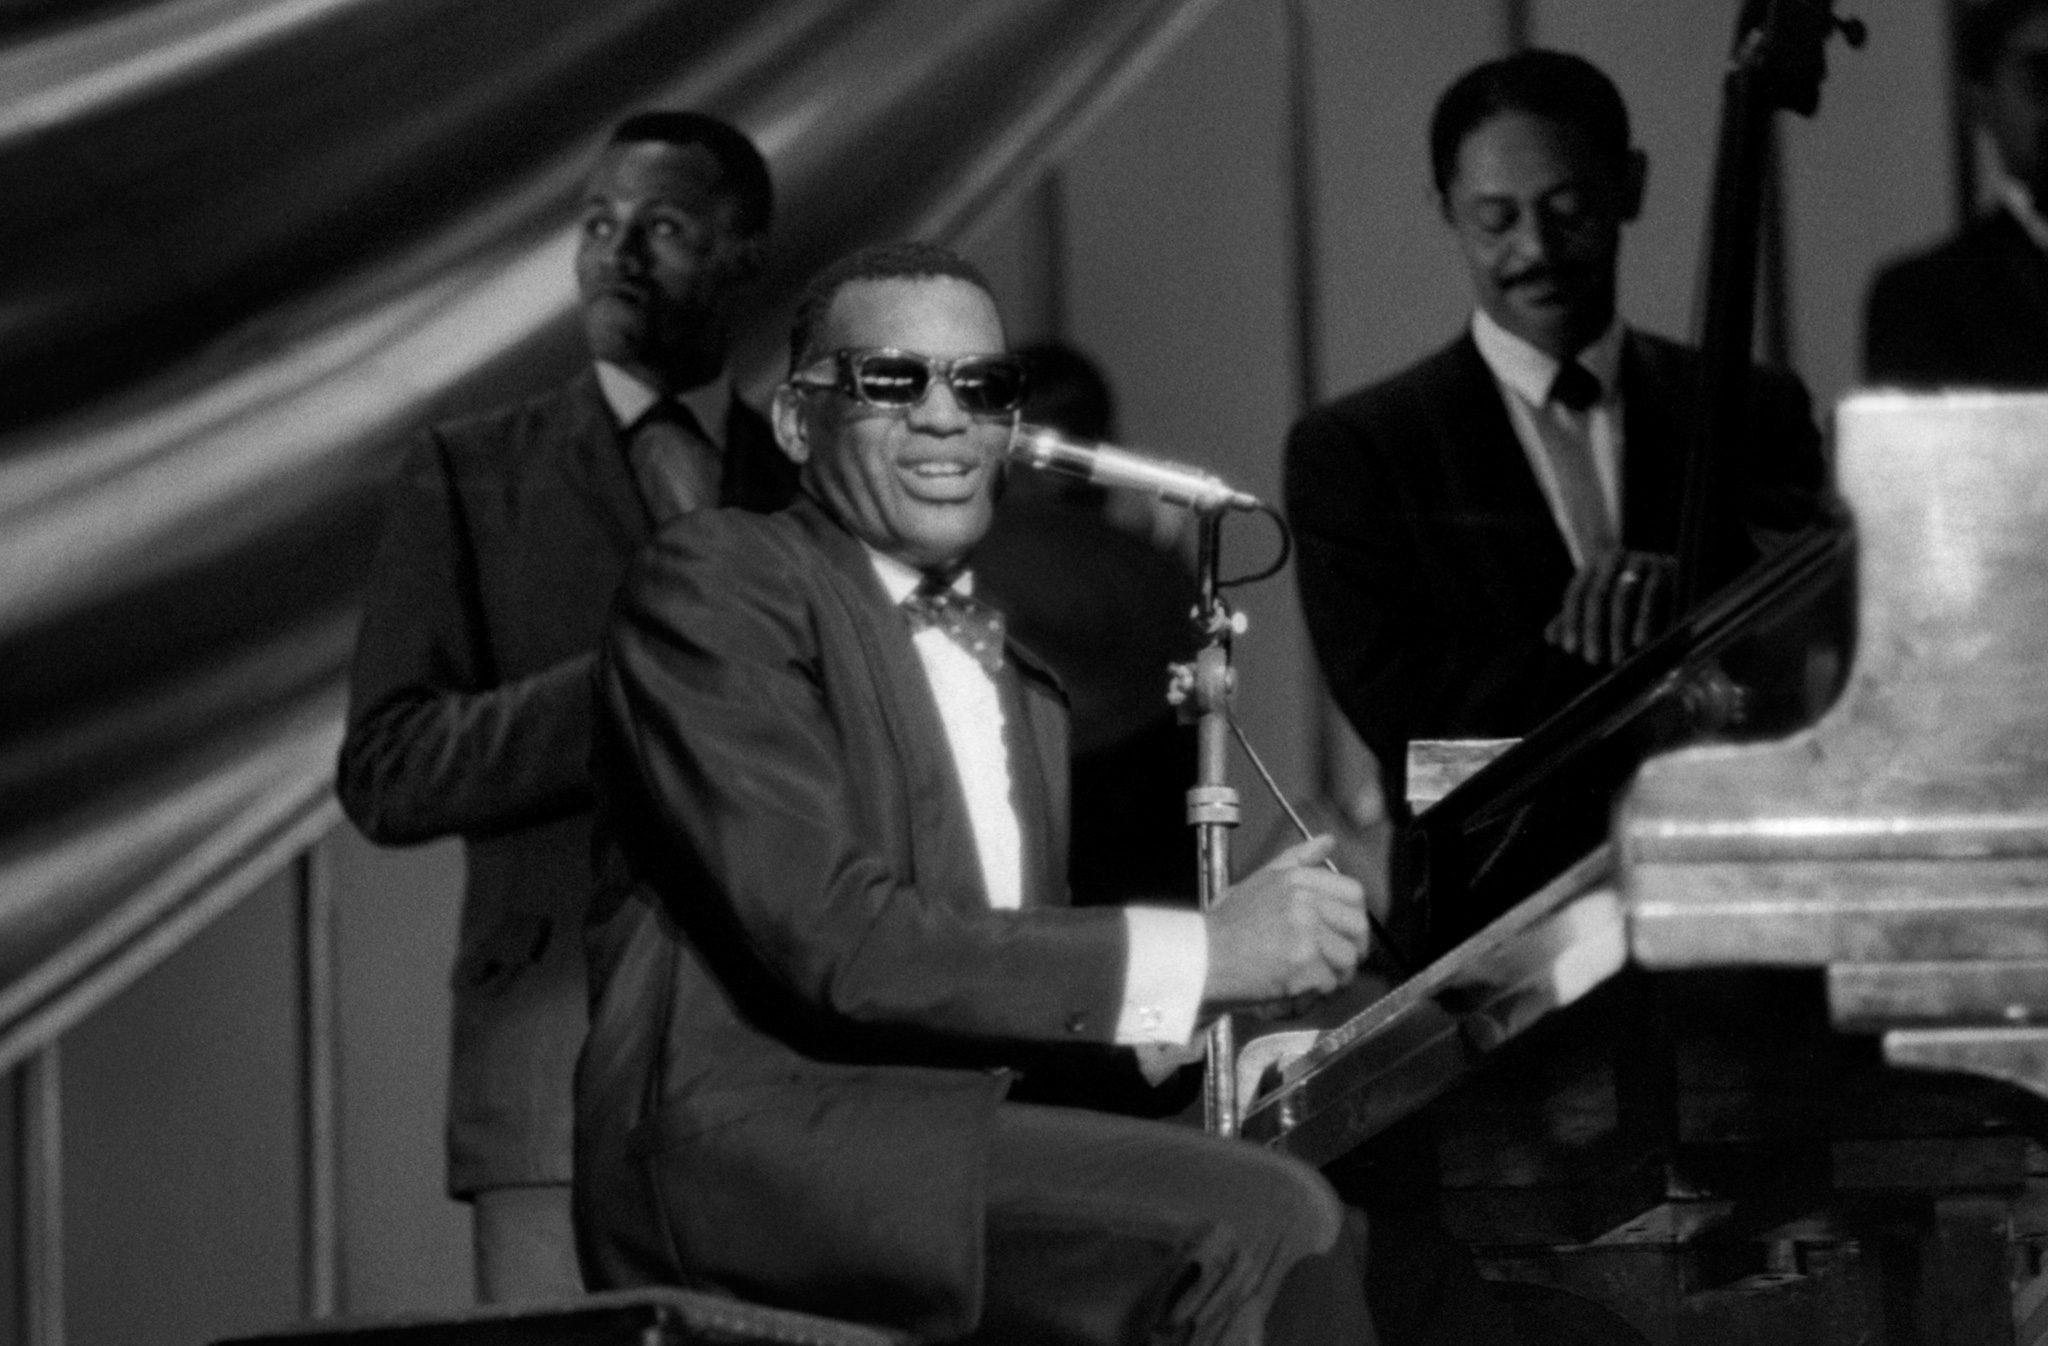 Ray Charles sings